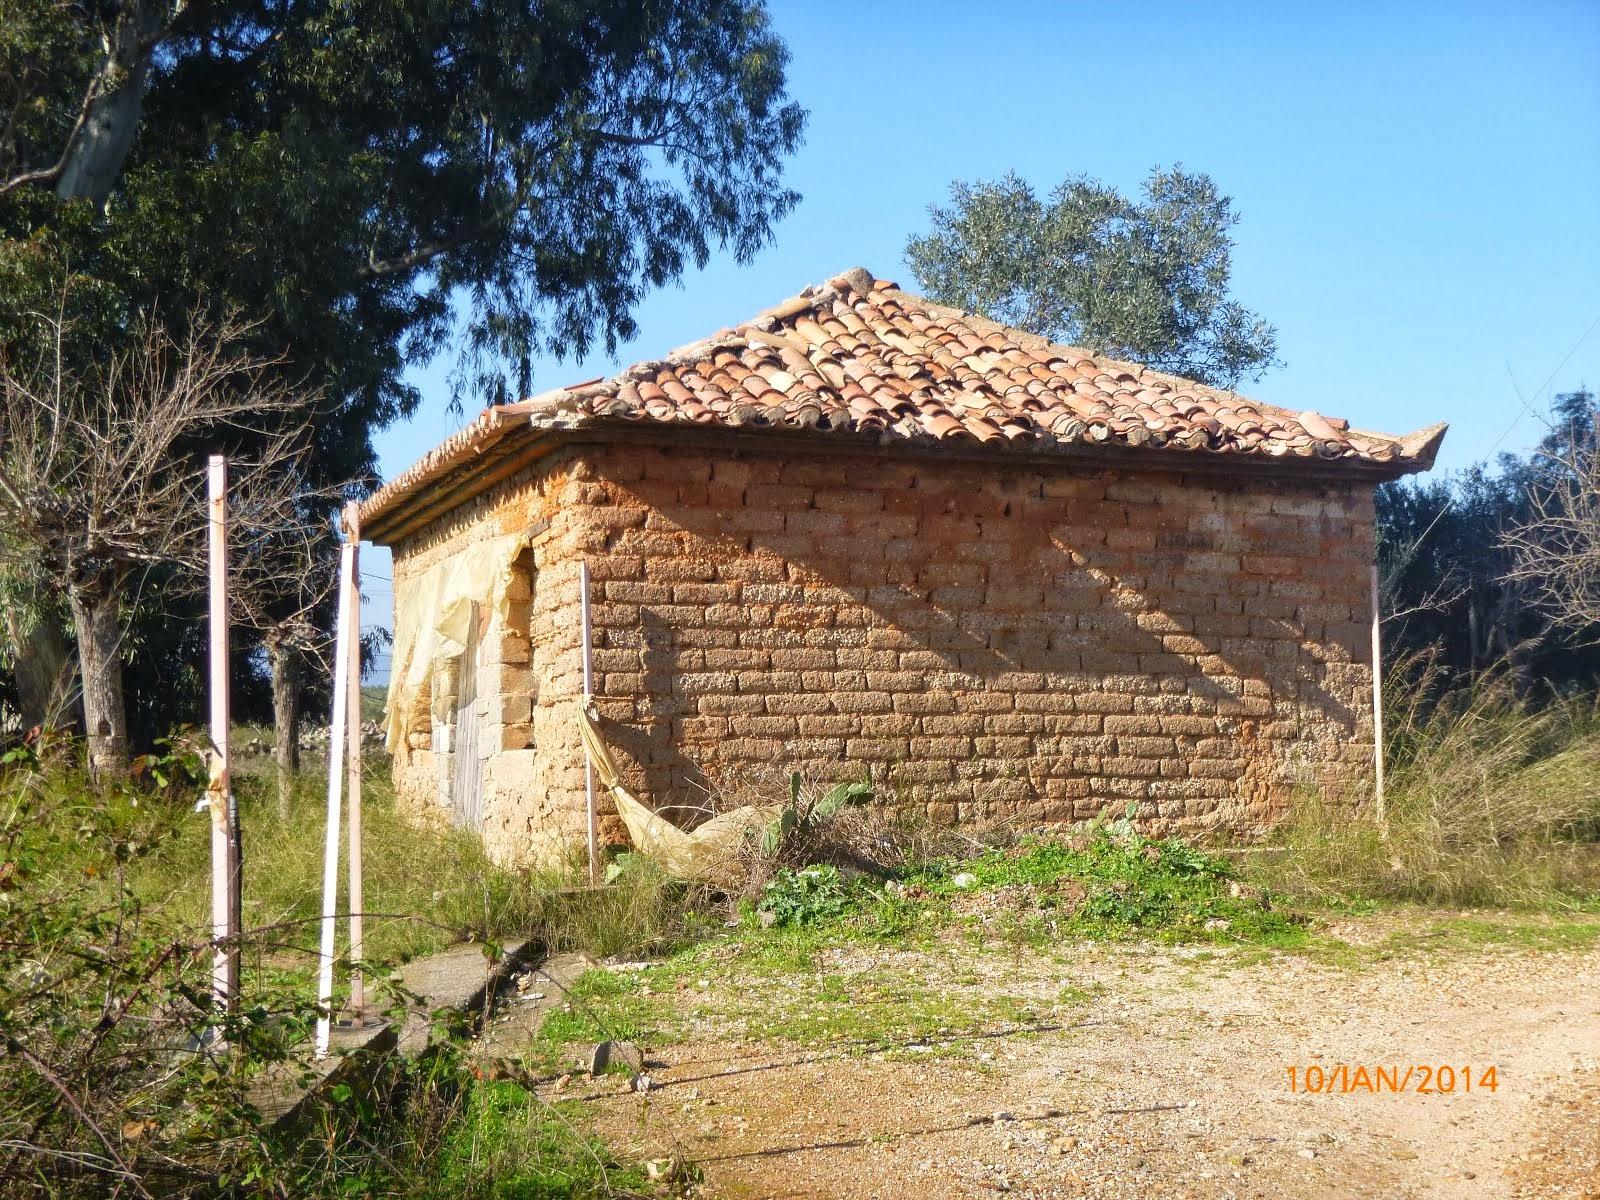 Πλύνθινο  σπίτι στο  Αρφαρά Καλαμάτας   2013